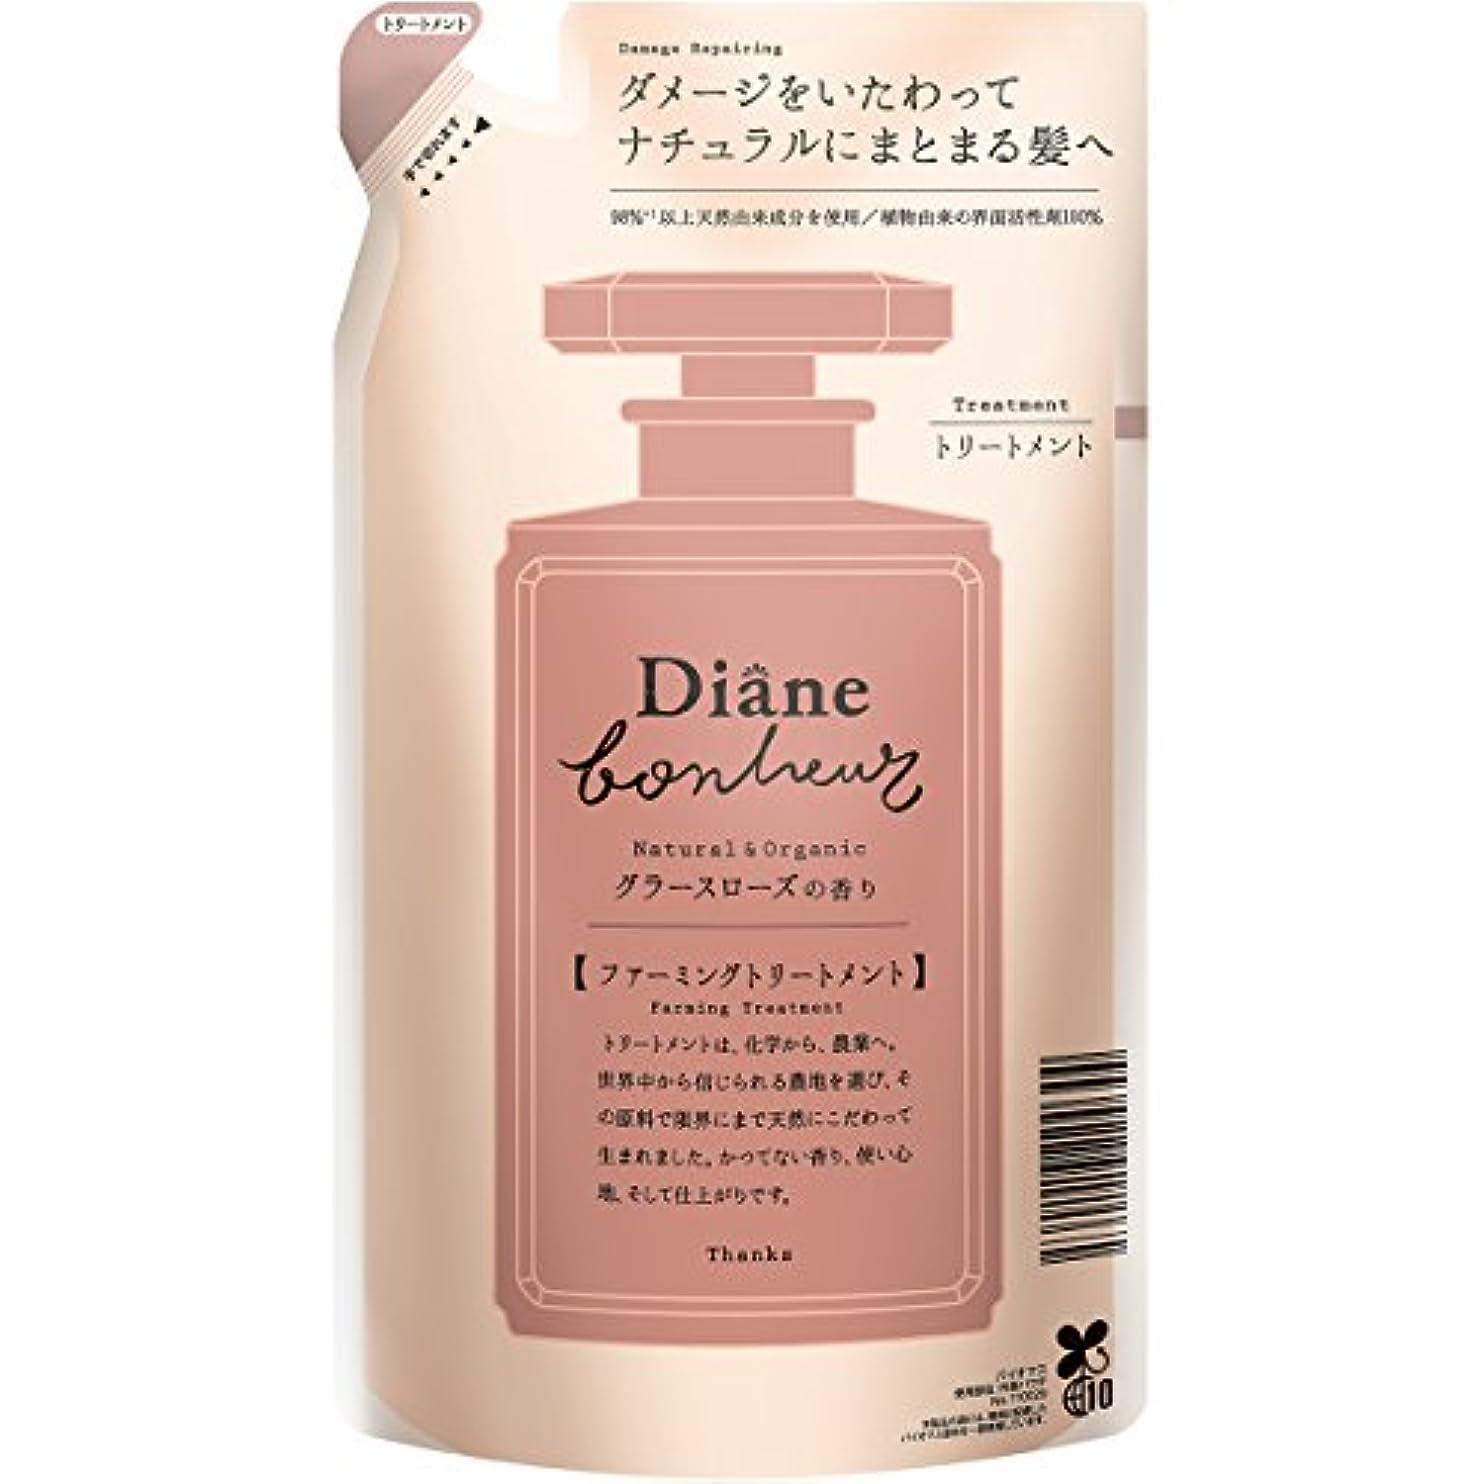 優先権自分のためにパッケージダイアン ボヌール グラースローズの香り ダメージリペア トリートメント 詰め替え 400ml